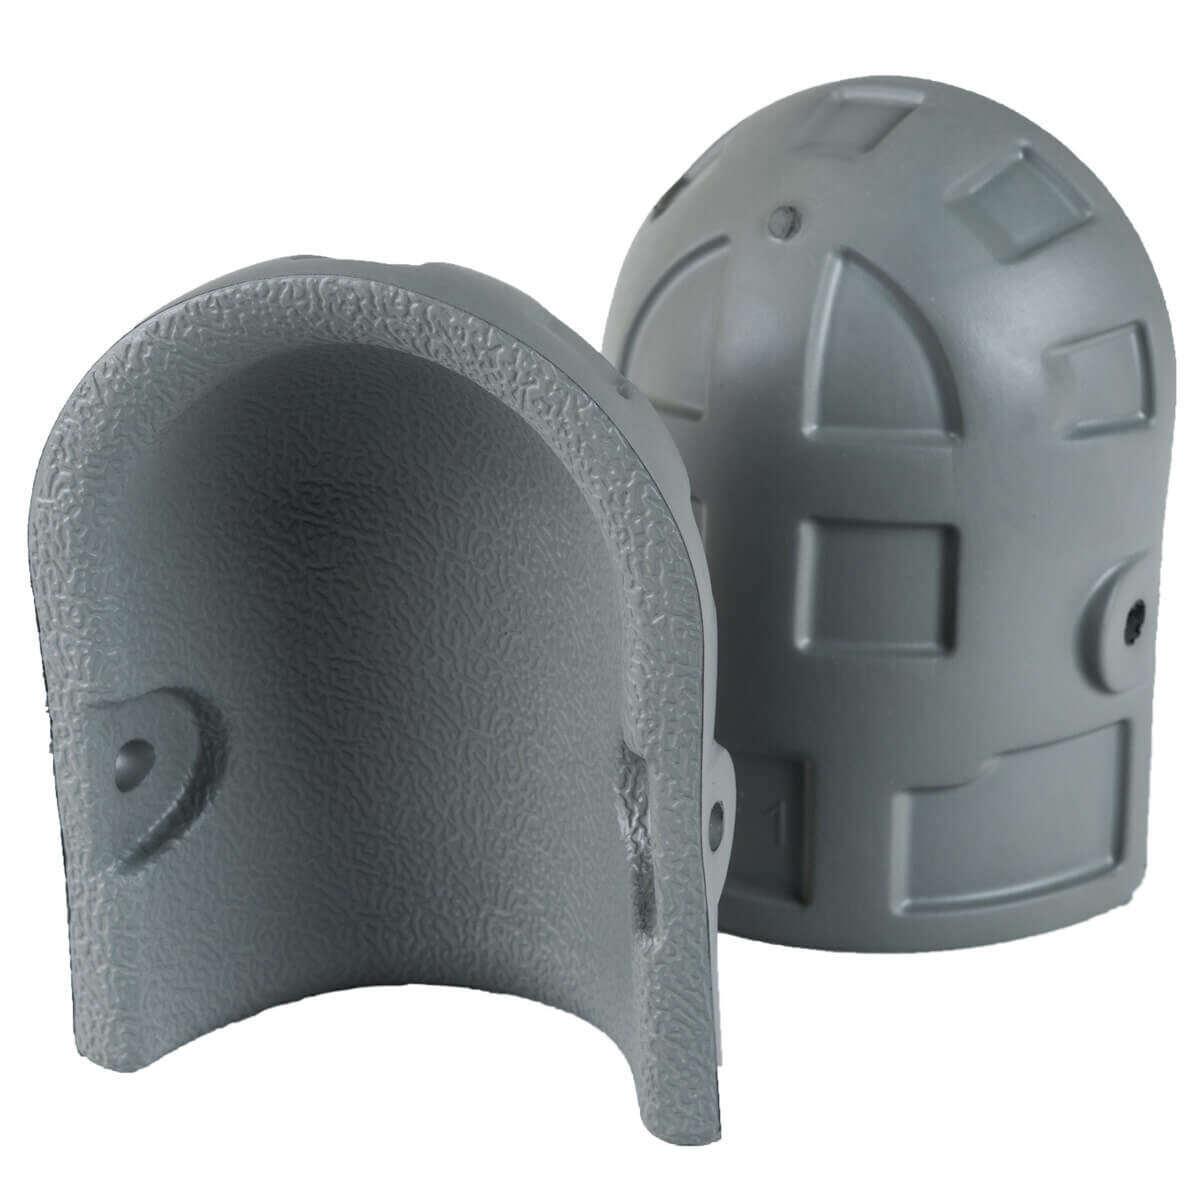 Barwalt KN-1 Knee Pad Liners